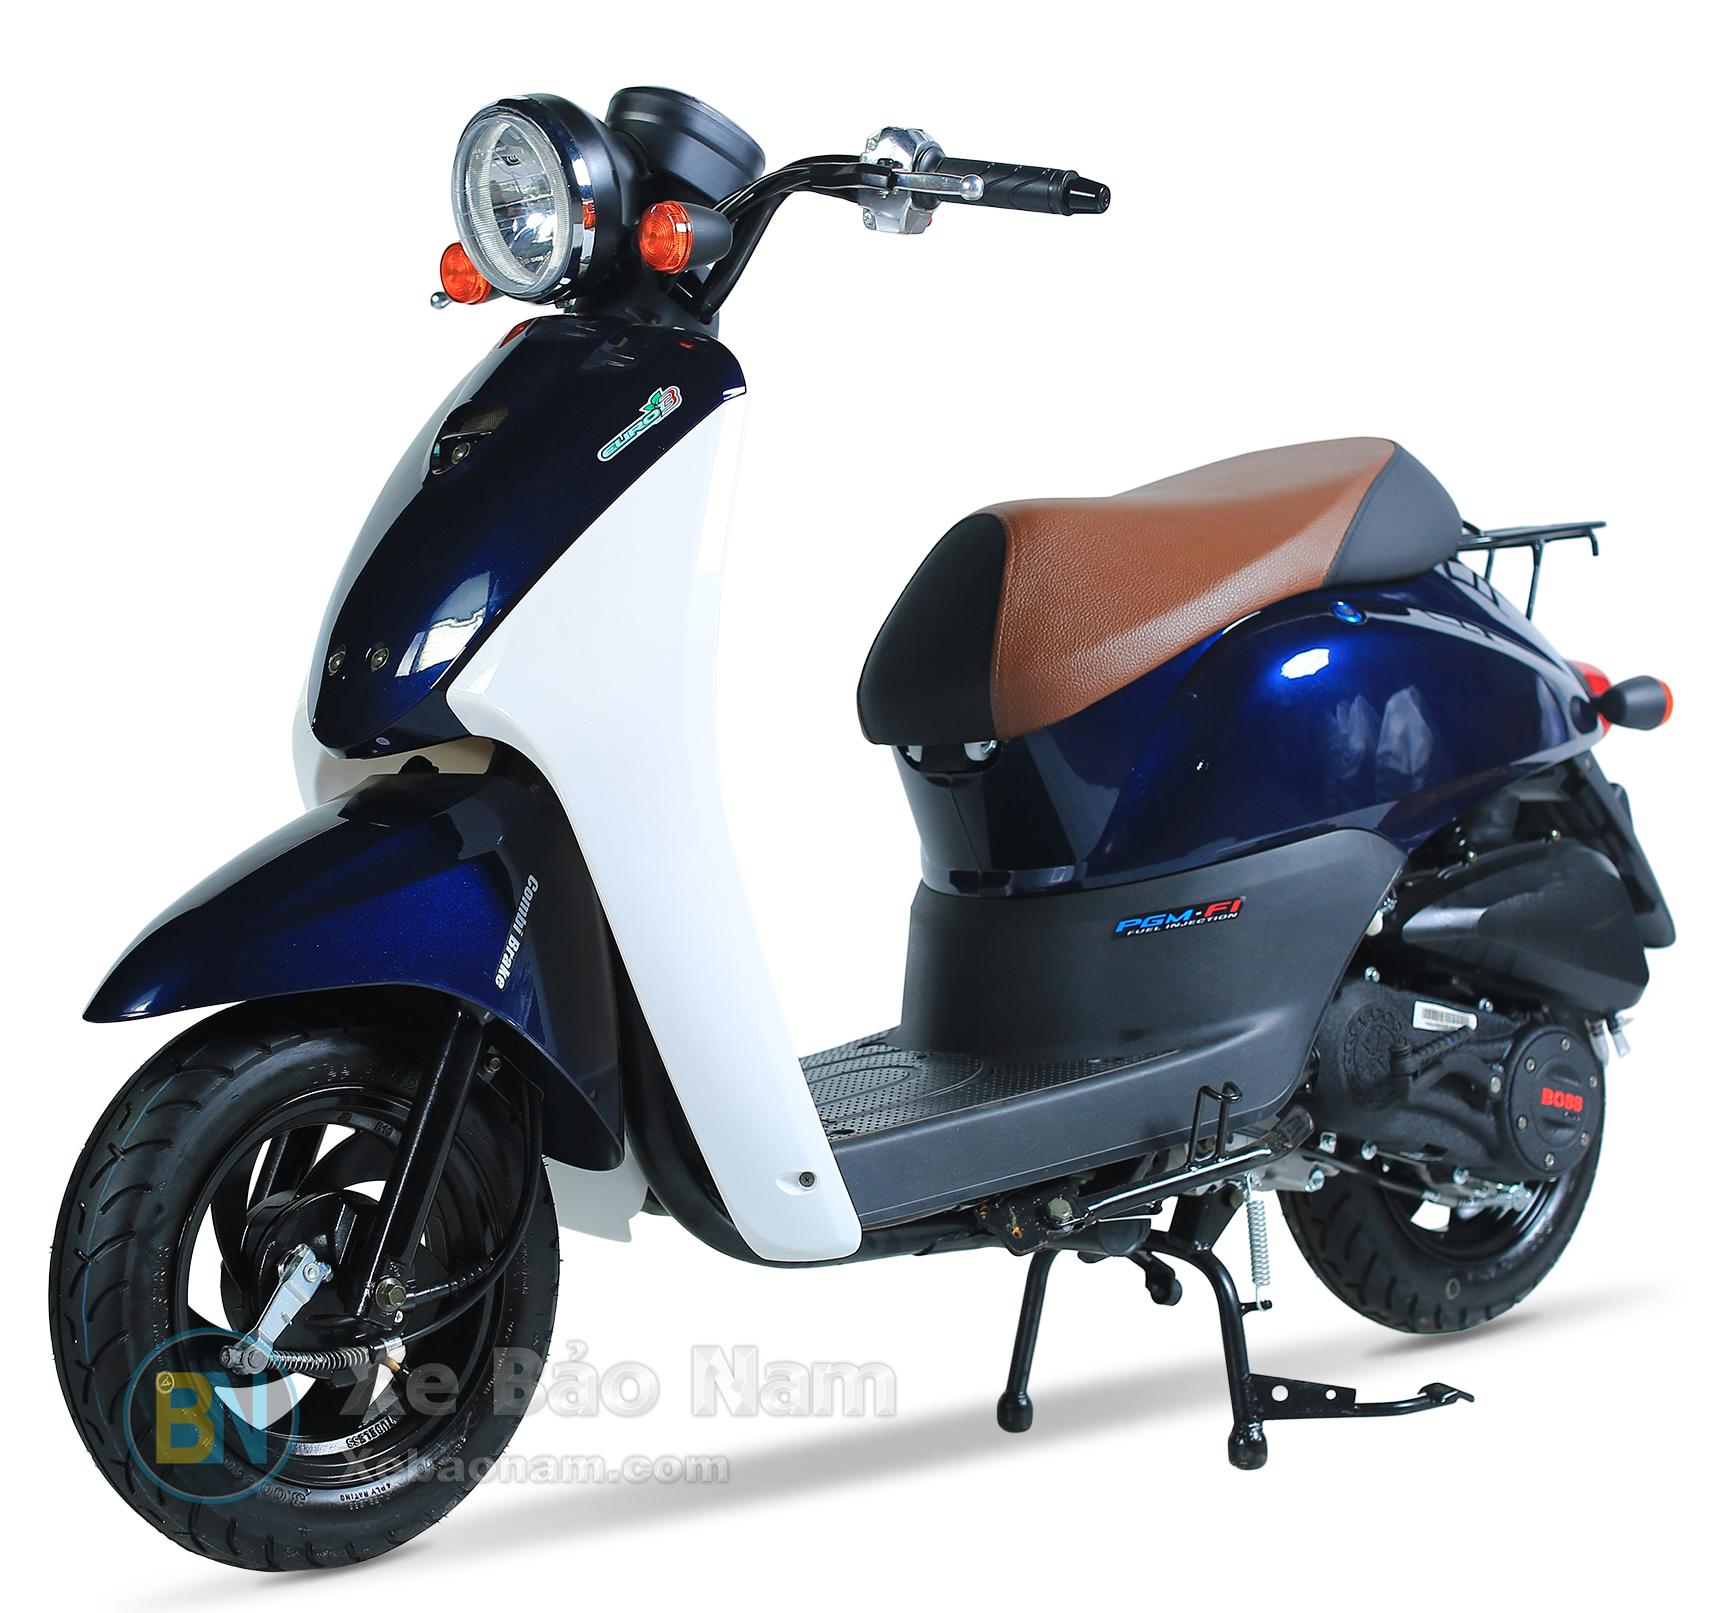 xe-ga-50cc-today-mau-xanh-cuu-long-xebaonam